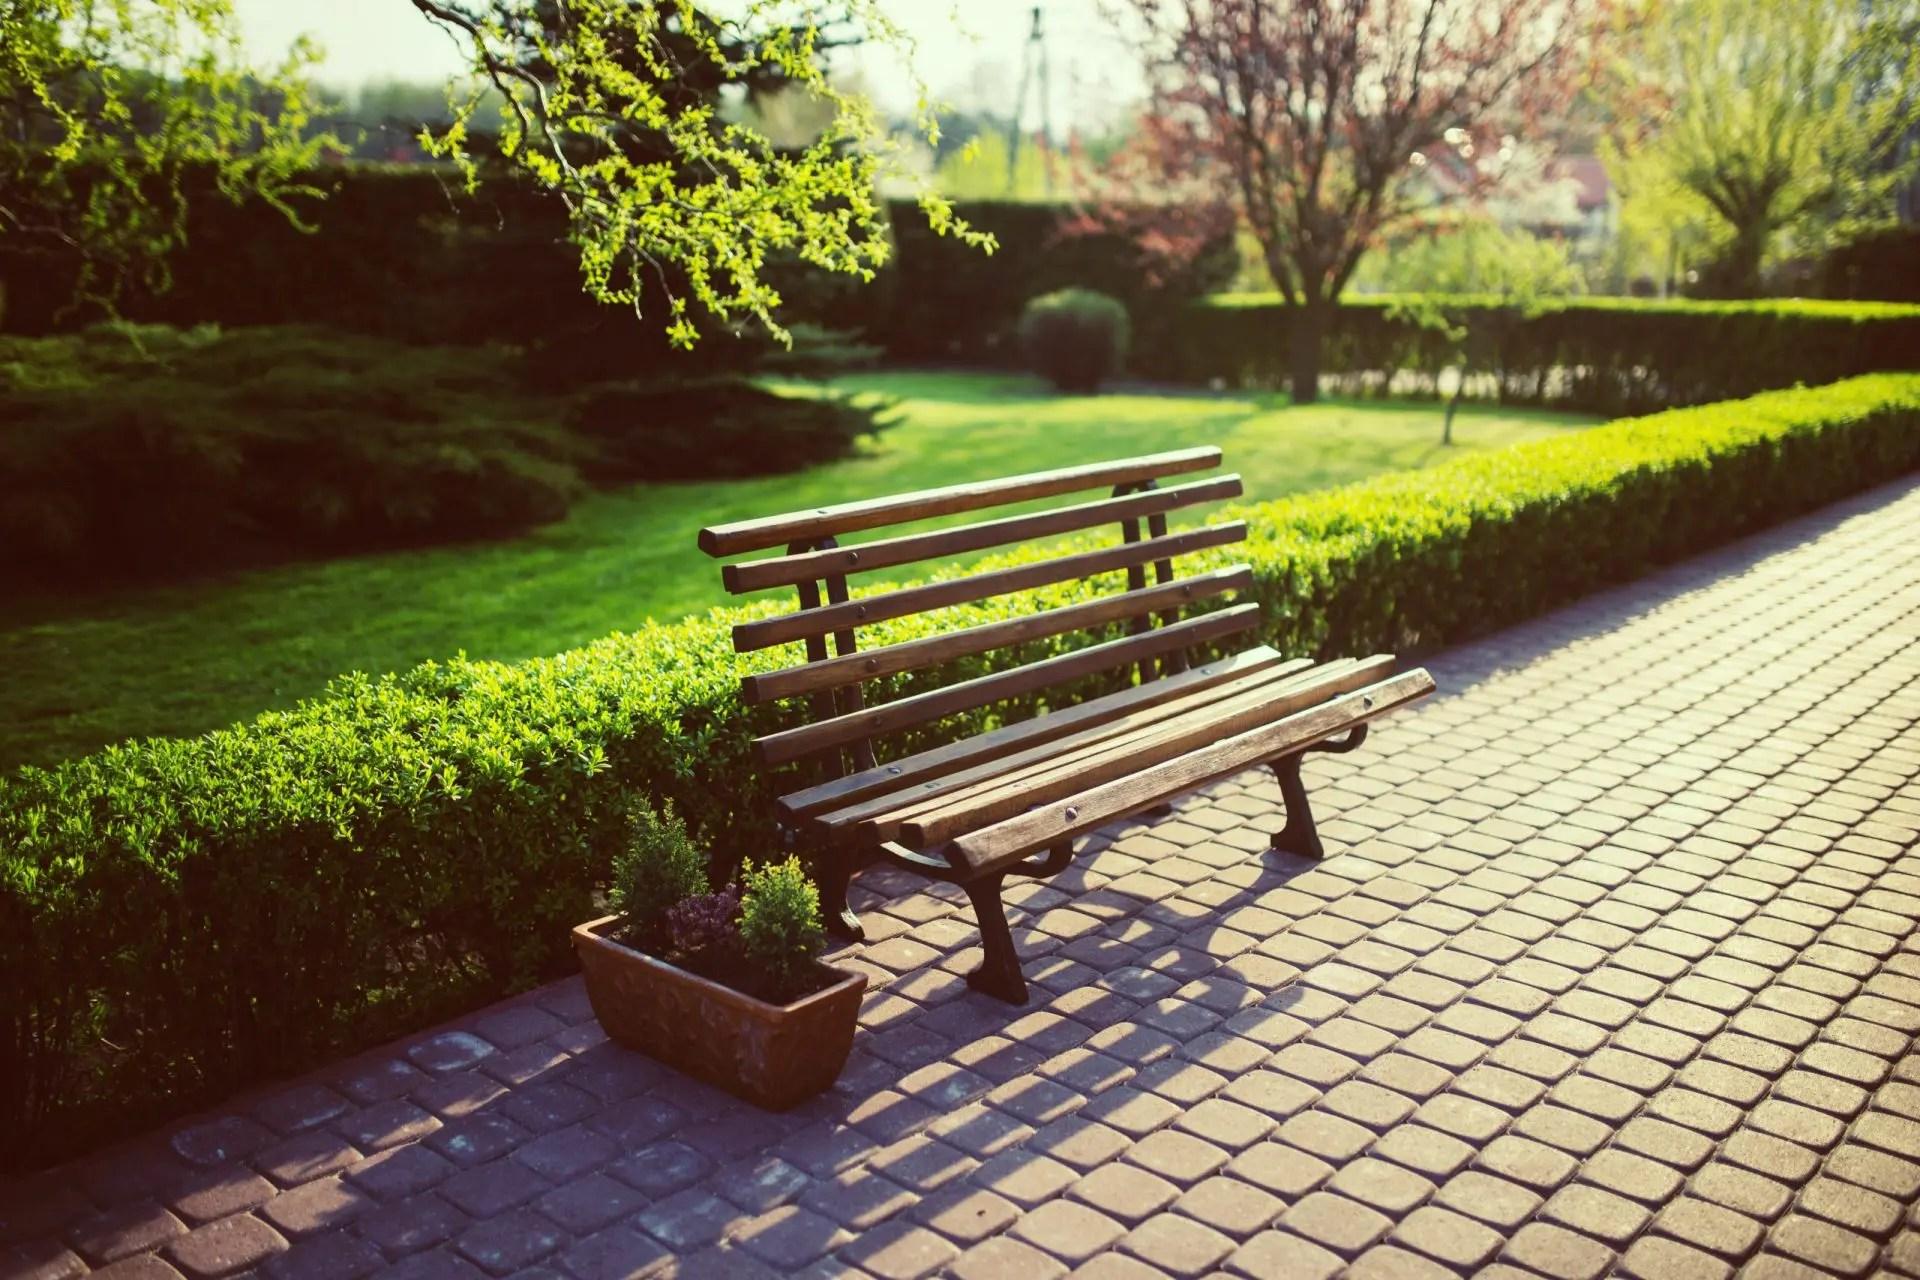 a bench beside a garden